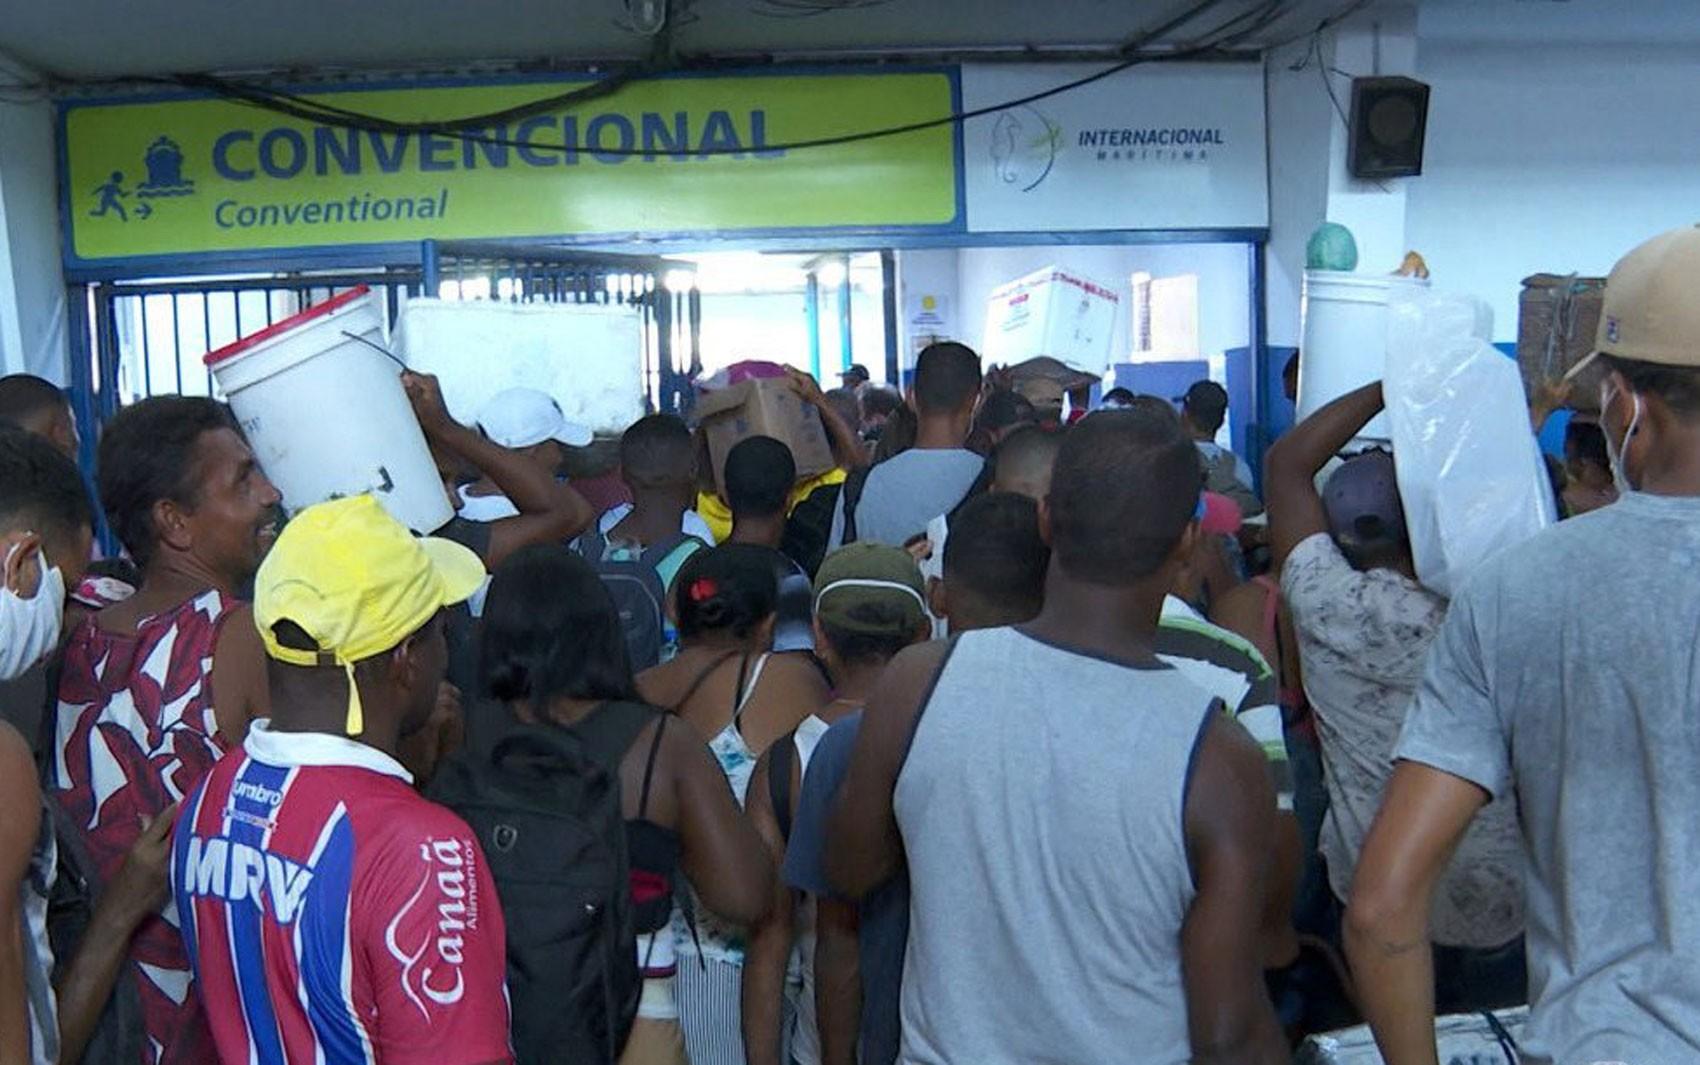 Após suspensão dos ferries no feriado, baianos reclamam por não conseguir embarcar para Itaparica: 'Queria, mas não pode'